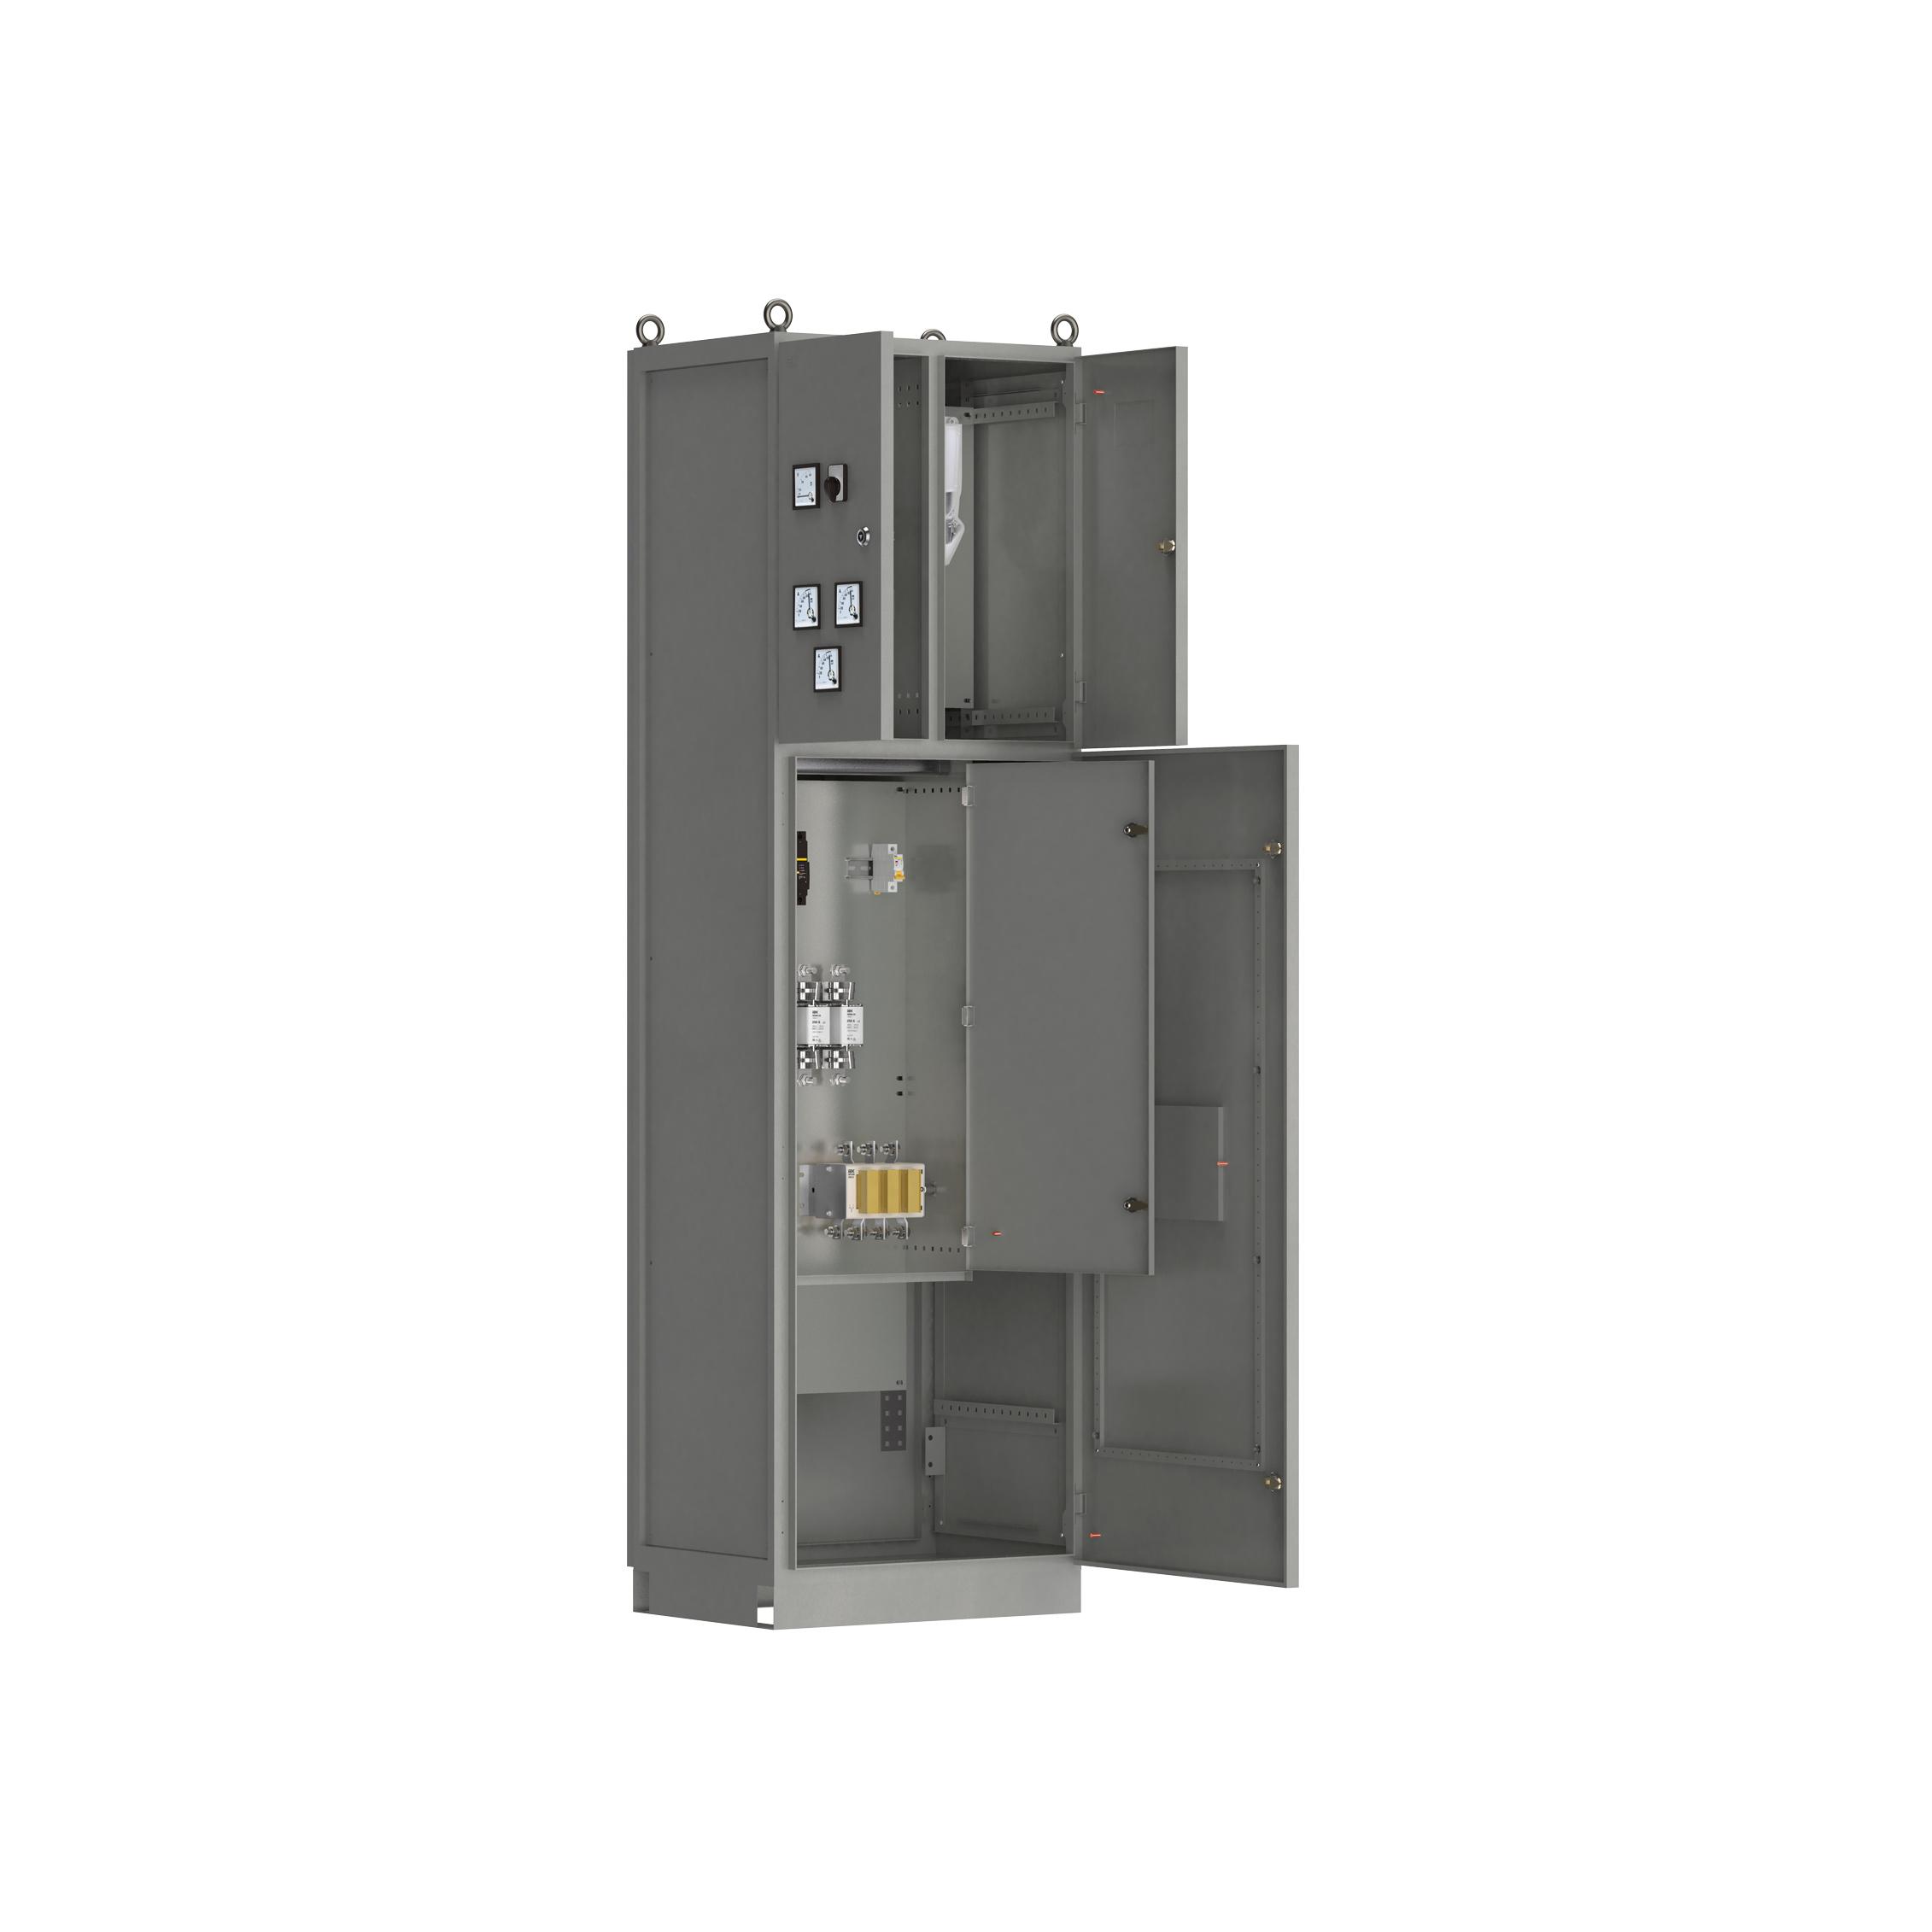 Панель вводная ВРУ-8503 МУ 2ВП-5-63-0-30 рубильник 1х630А плавкие вставки 3х630А выключатель автоматический 1Р 1х6А и учет IEK